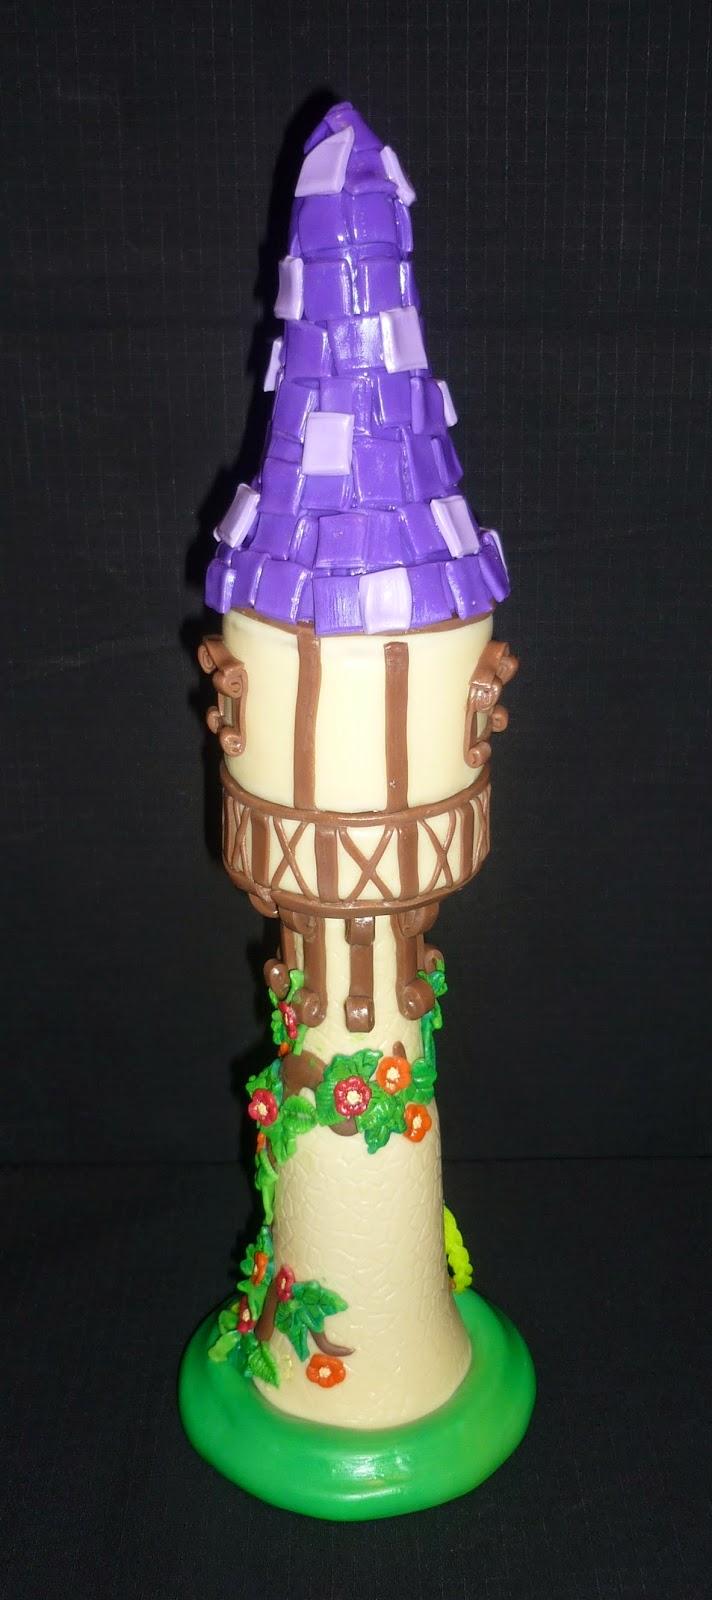 Minimandy. Adorno para Tortas. Rapunzel. Tangled. Enredados. Torre.